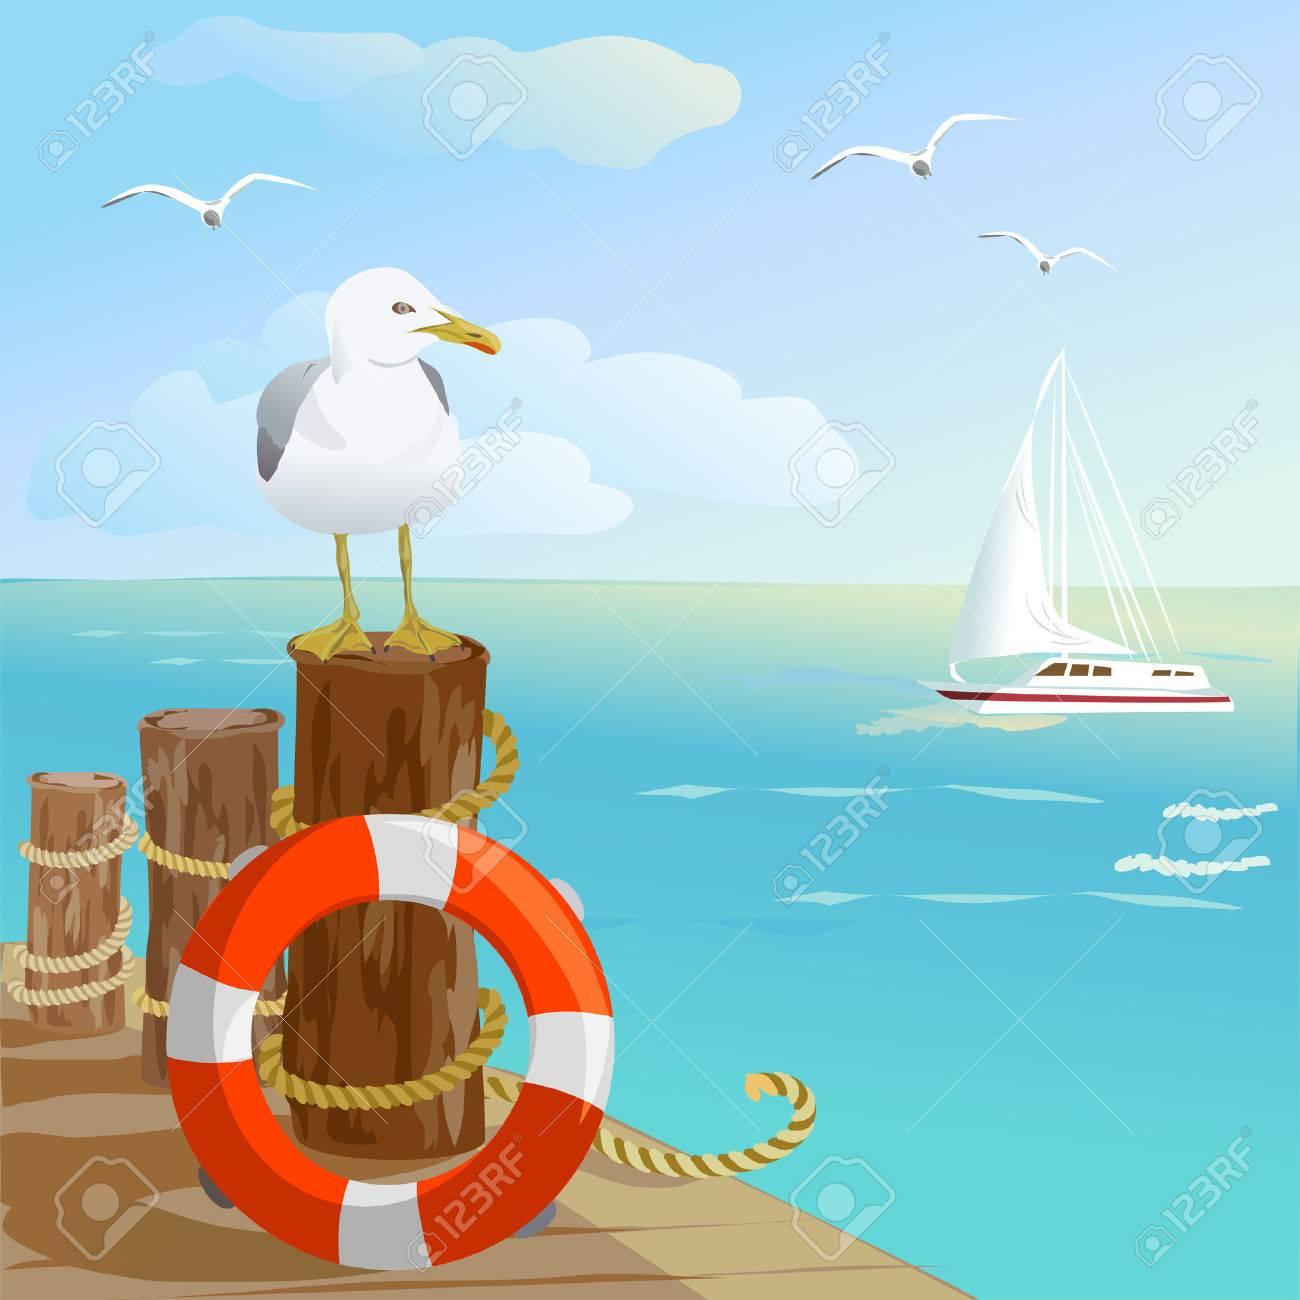 sea, gull, pier, and lifebuoy. vector illustration Standard-Bild - 26233864